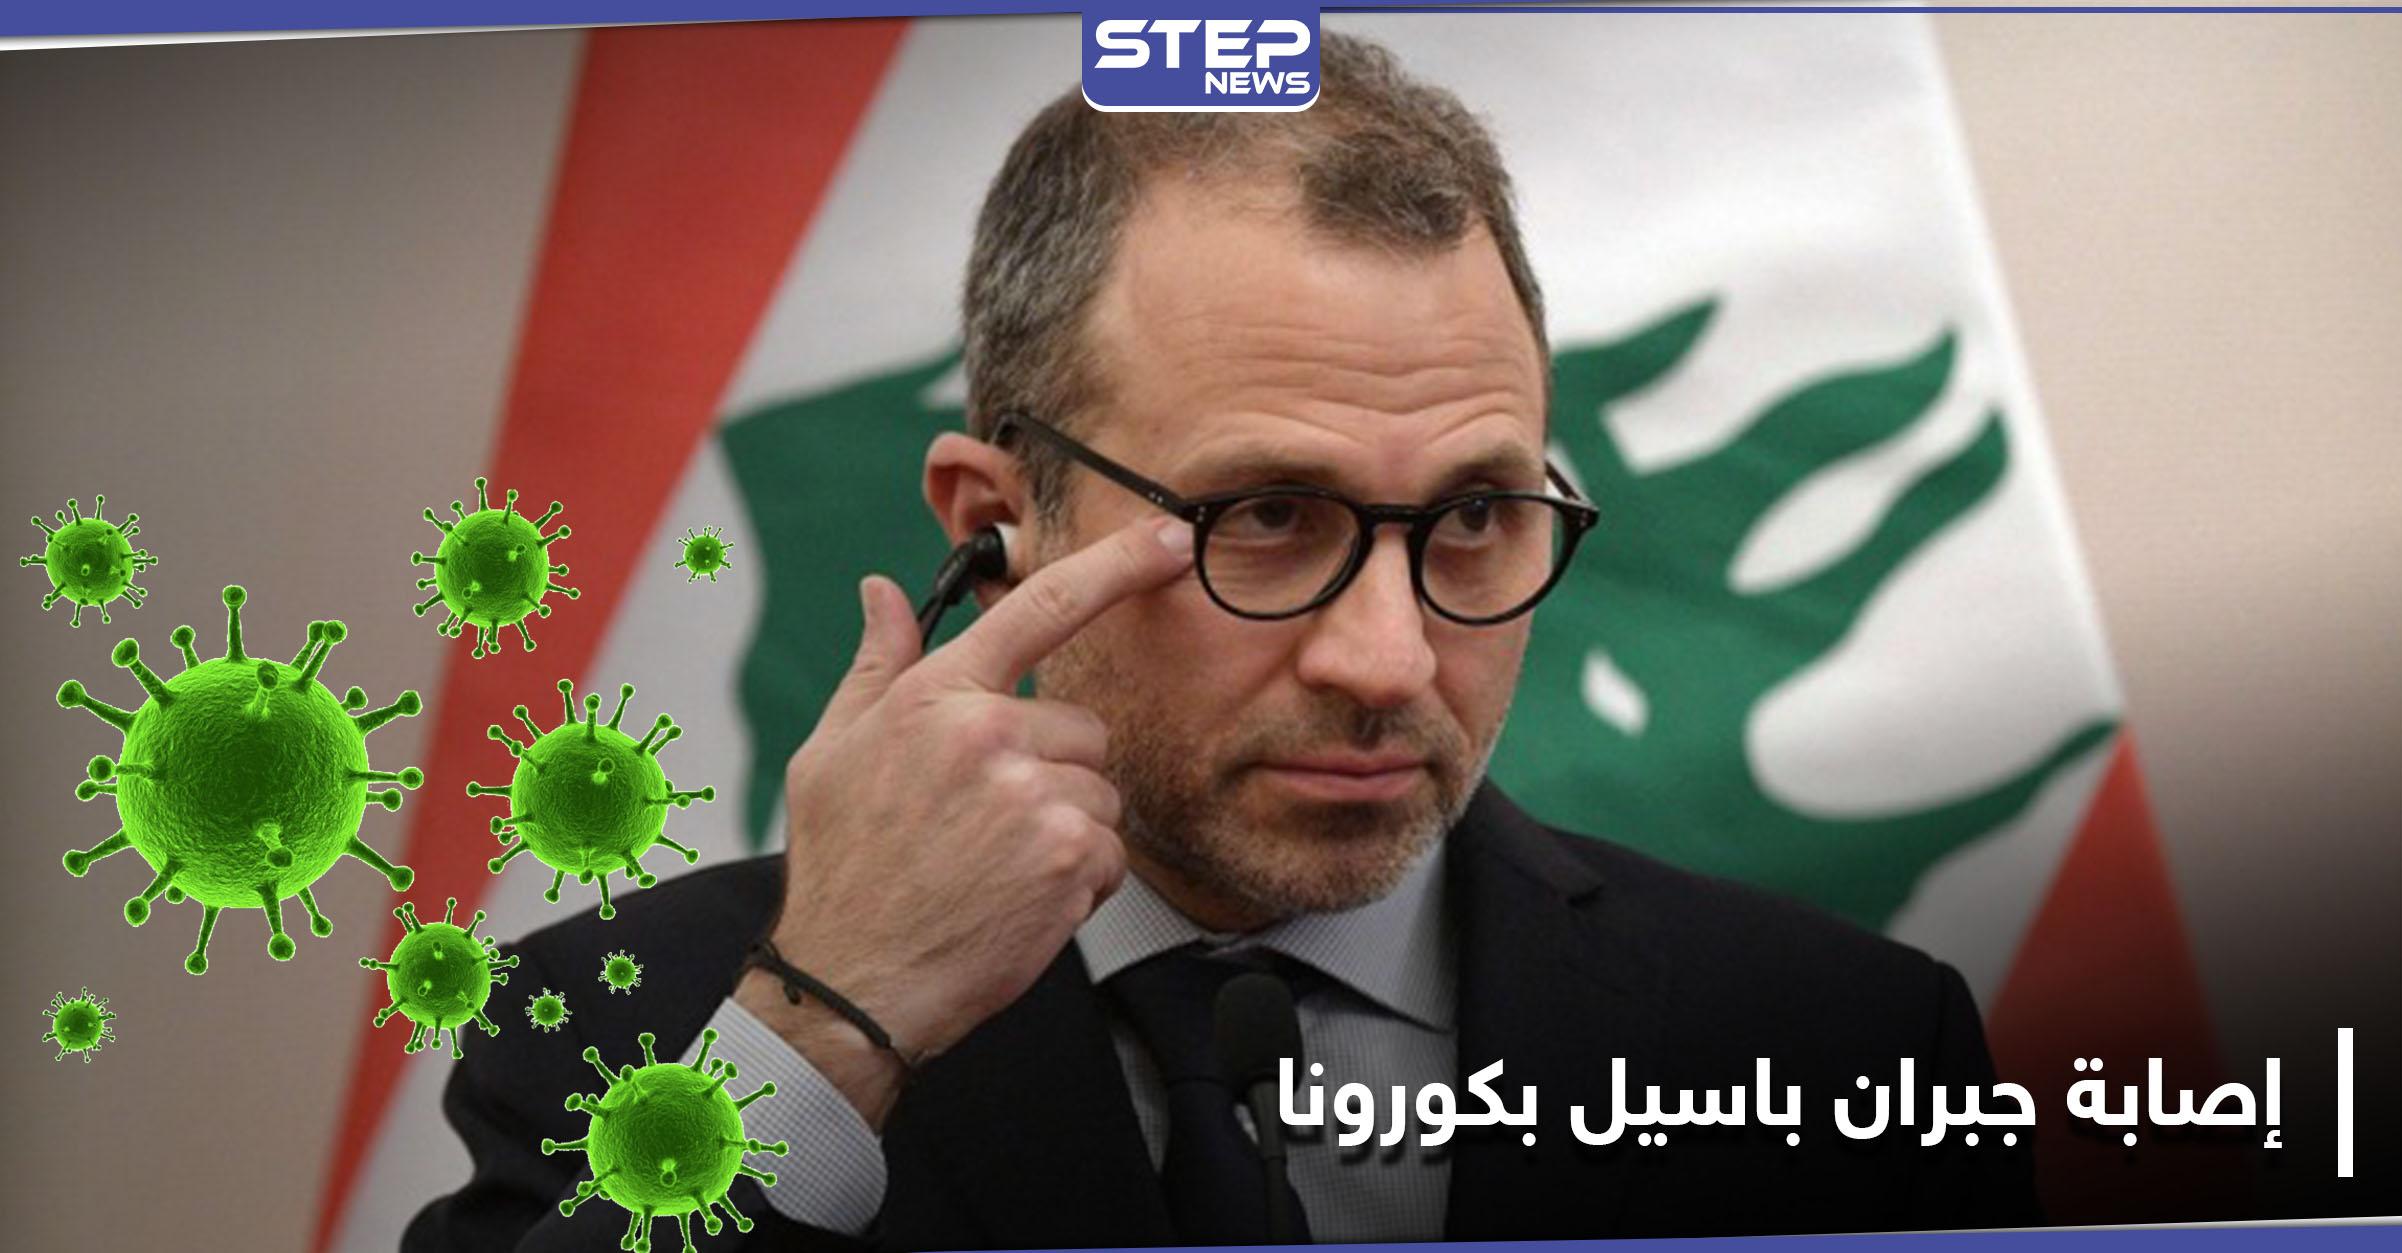 جبران باسيل يعلن إصابته بفيروس كورونا..